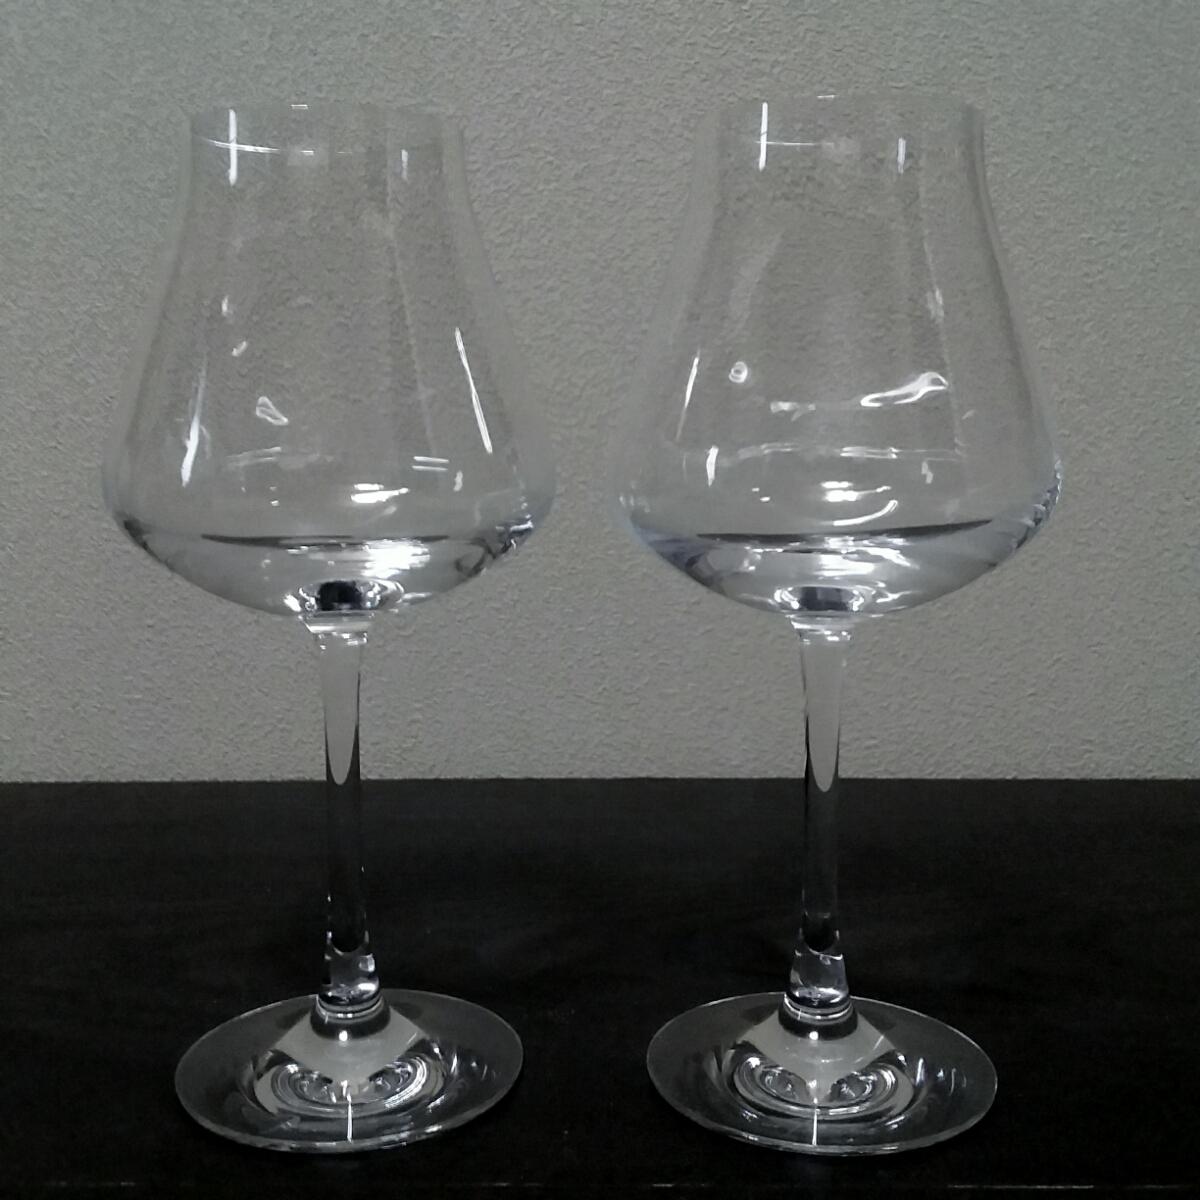 バカラ Baccarat シャトーバカラ ワイングラスS ペア 2客 未使用 保管品 美品